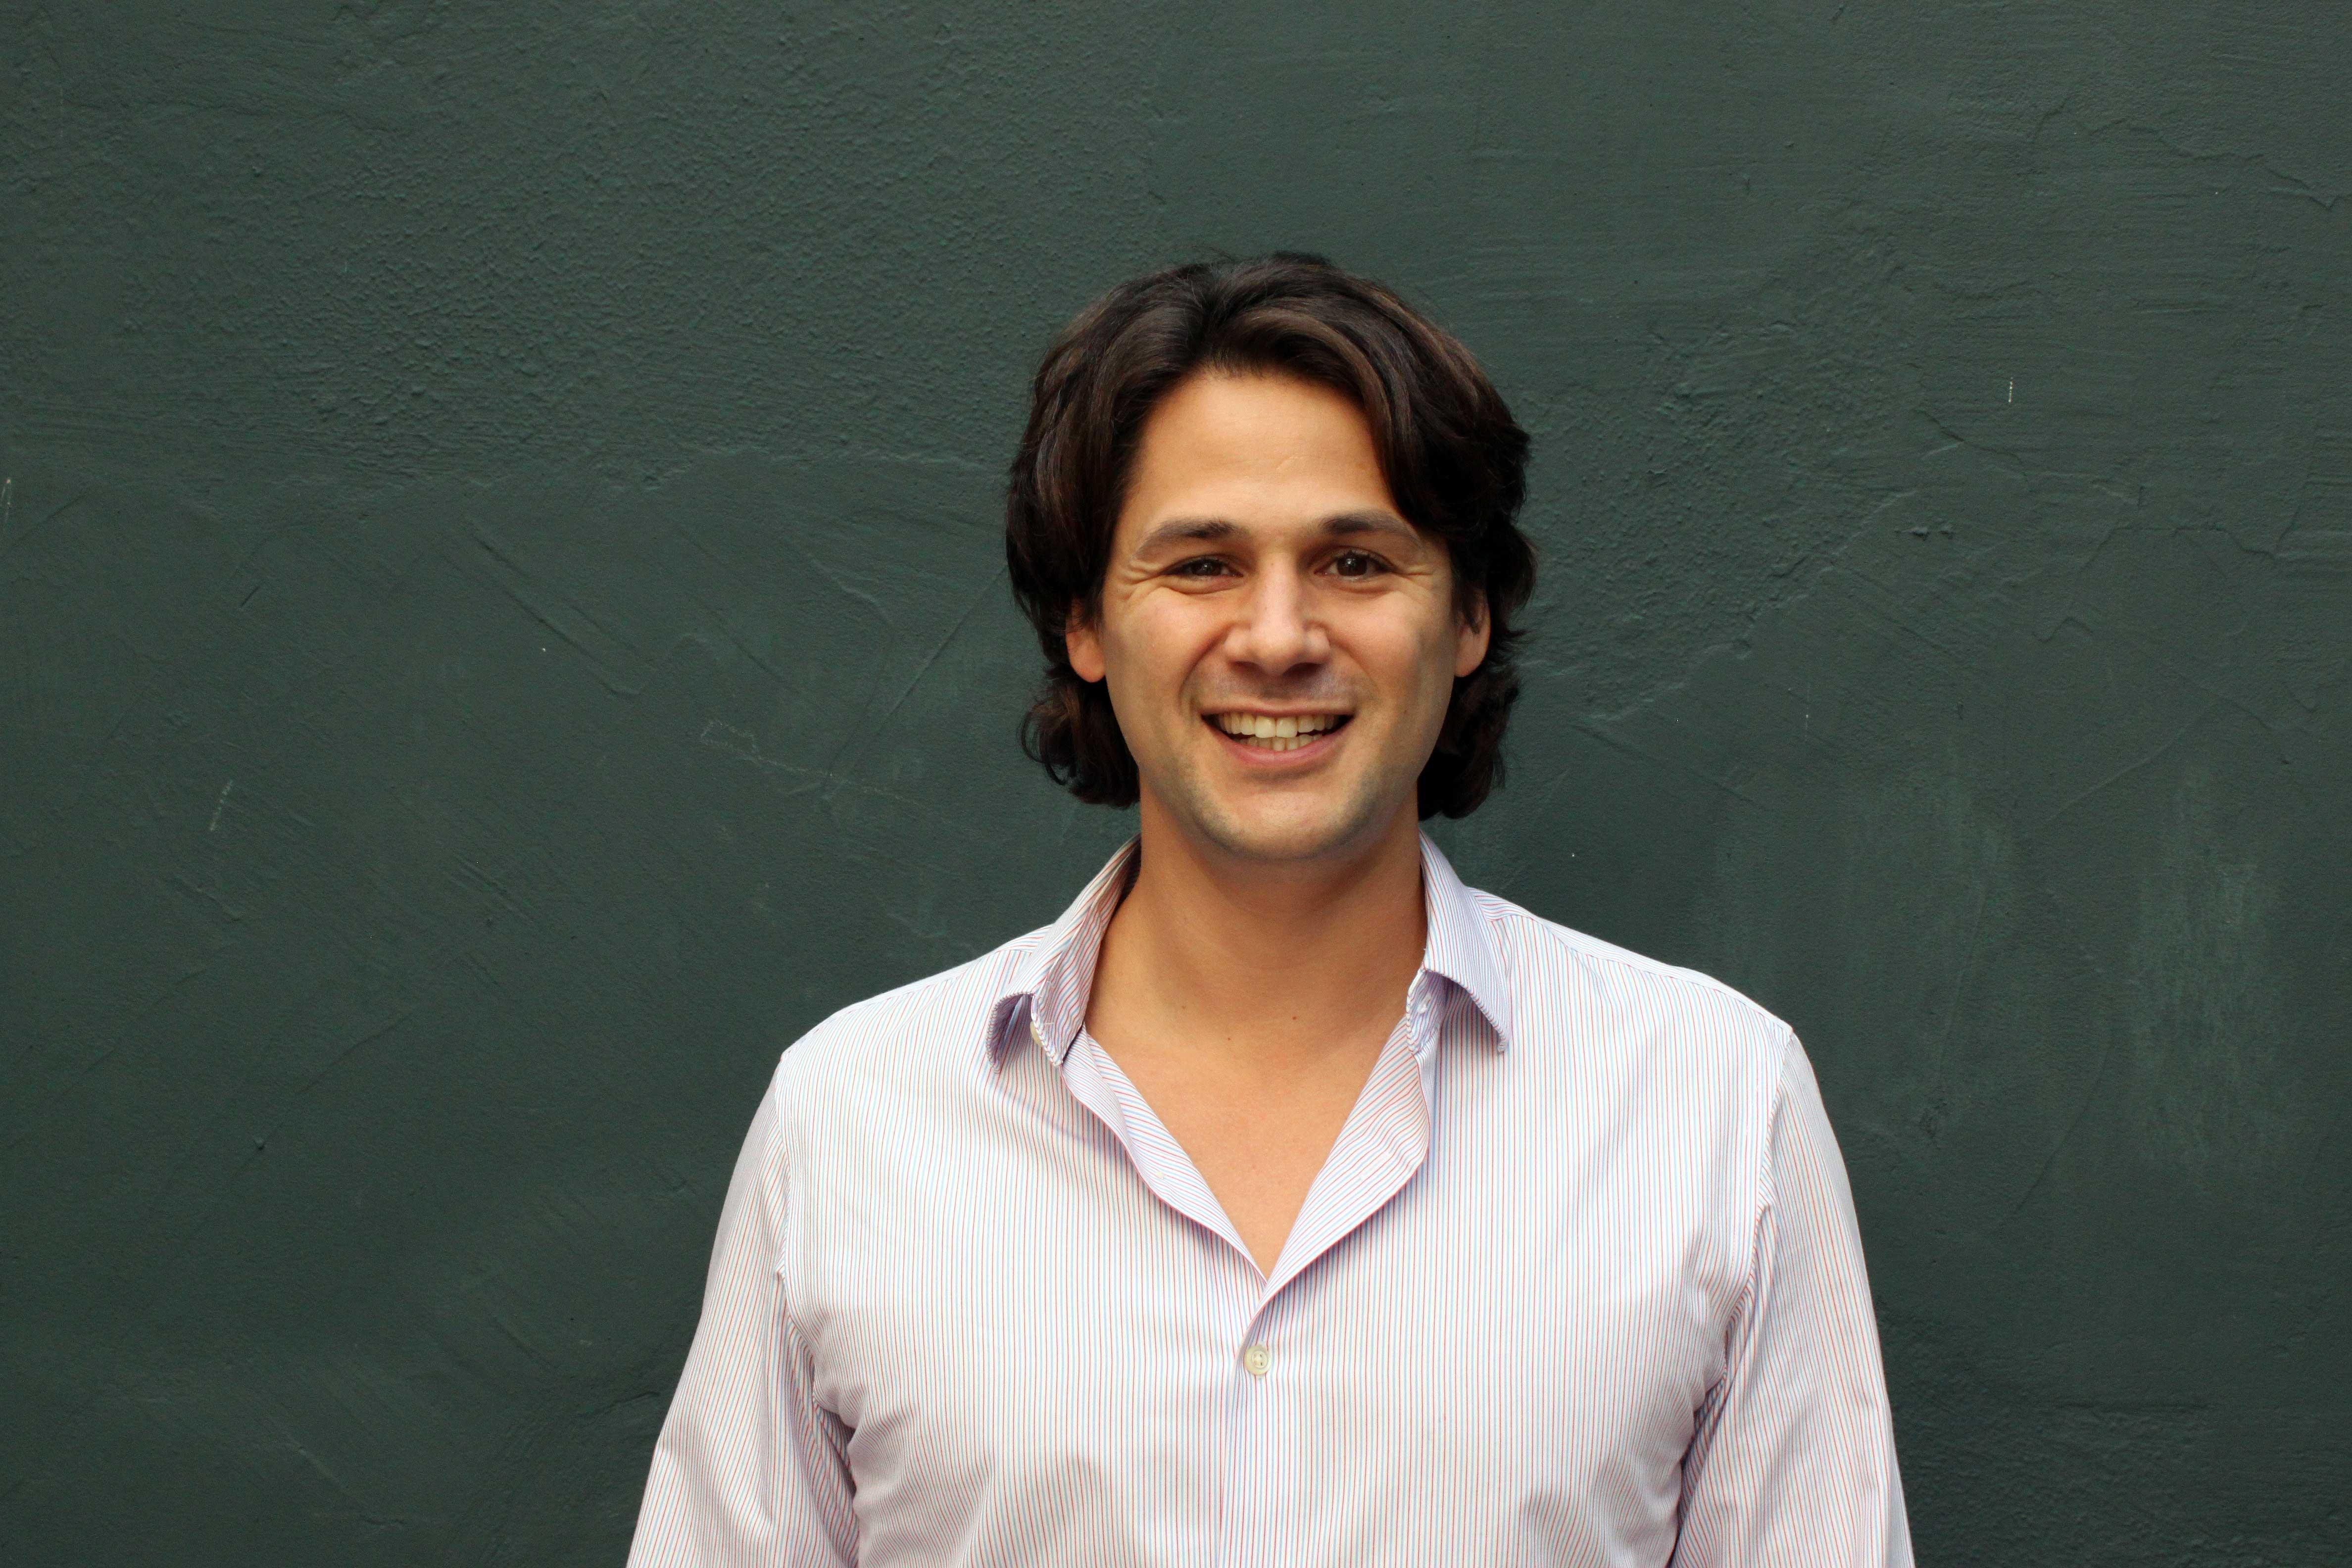 Jacob Rosenbloom: funcionário que mora distante do trabalho se atrasa mais e falta mais.